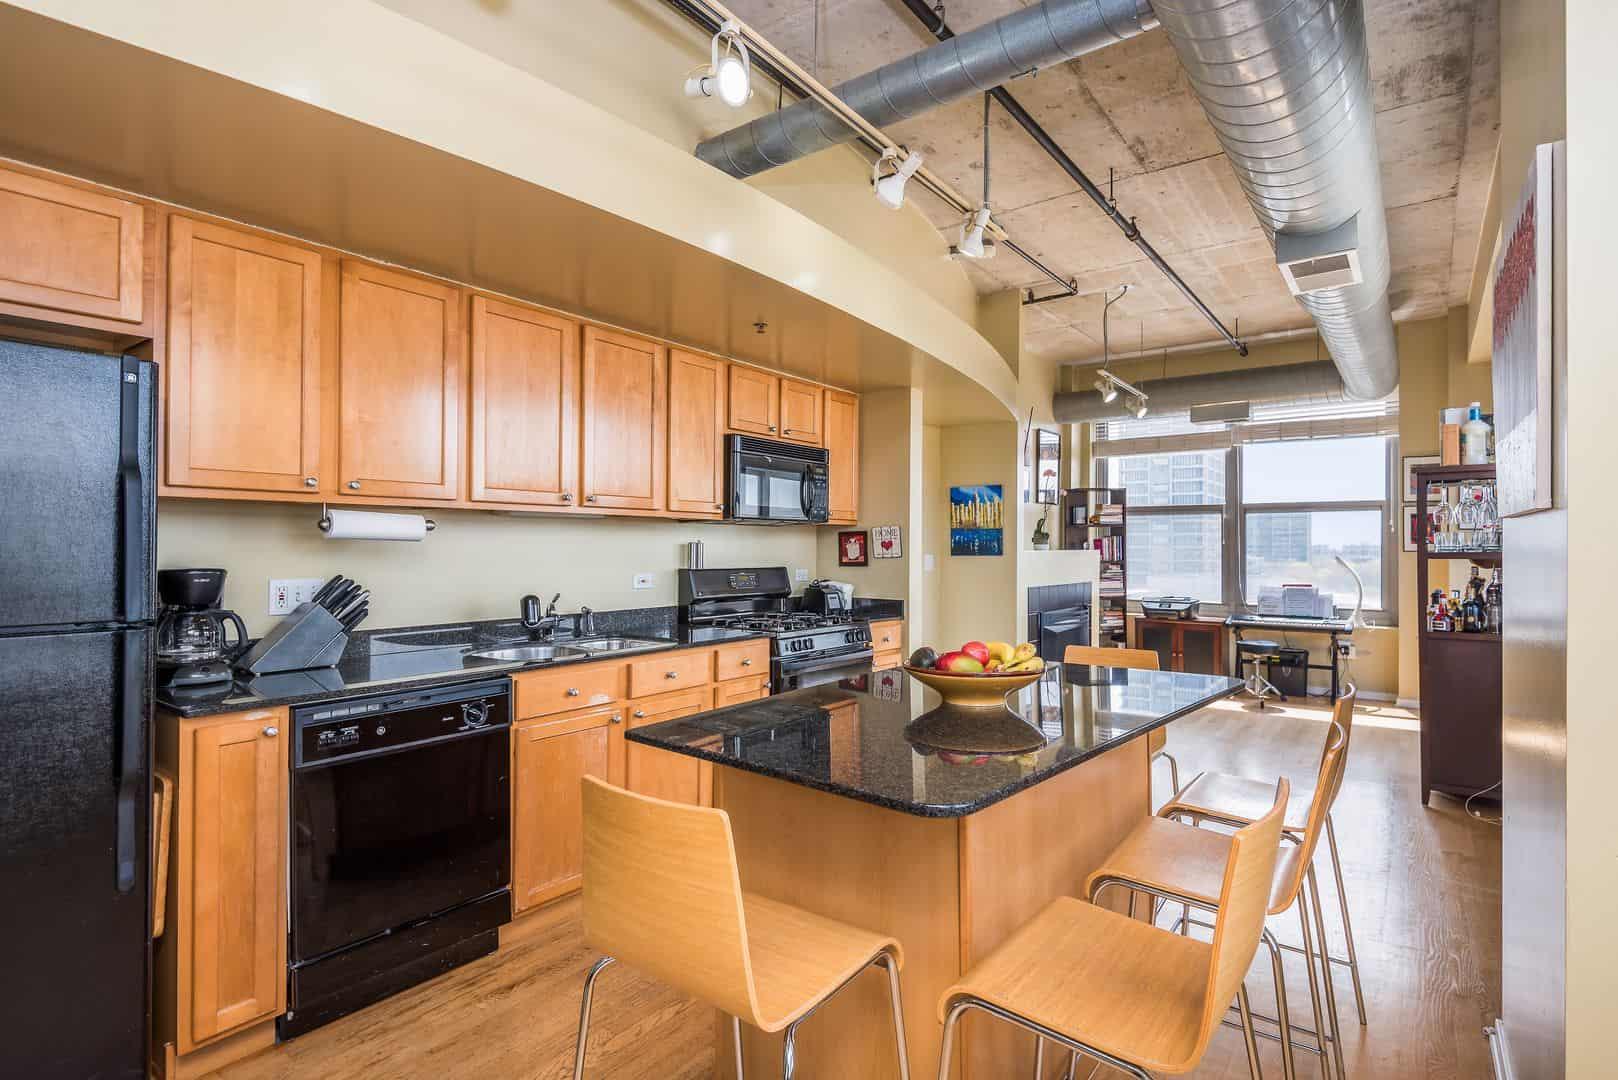 933 W Van Buren #716 - Kitchen